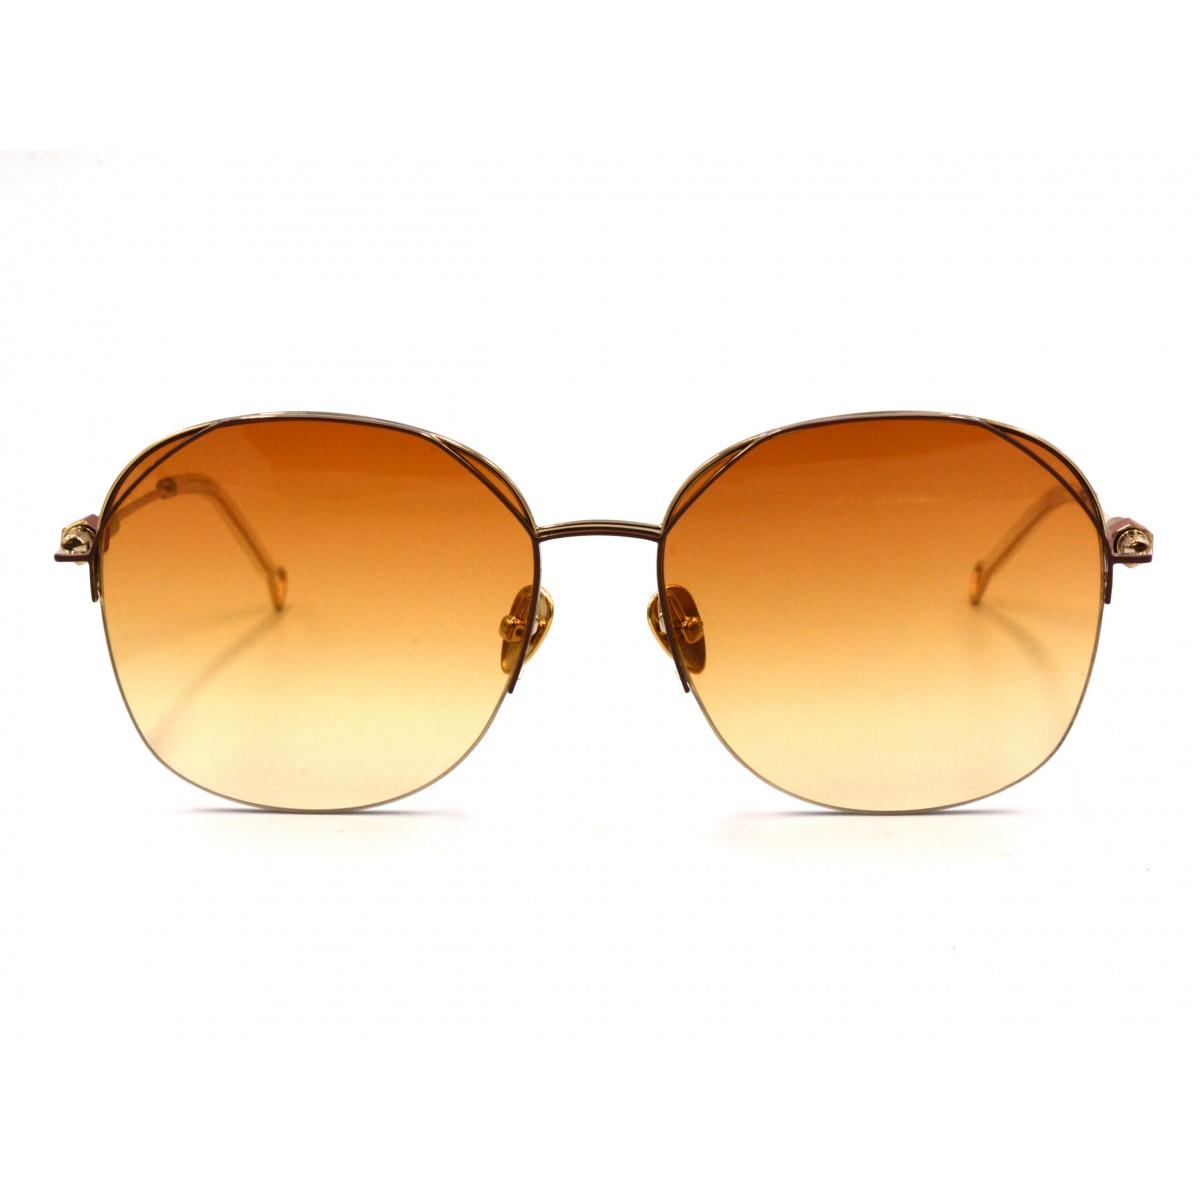 Γυαλιά ηλίου HAZE COLLECTION RETREAT 4BN 57-16-145